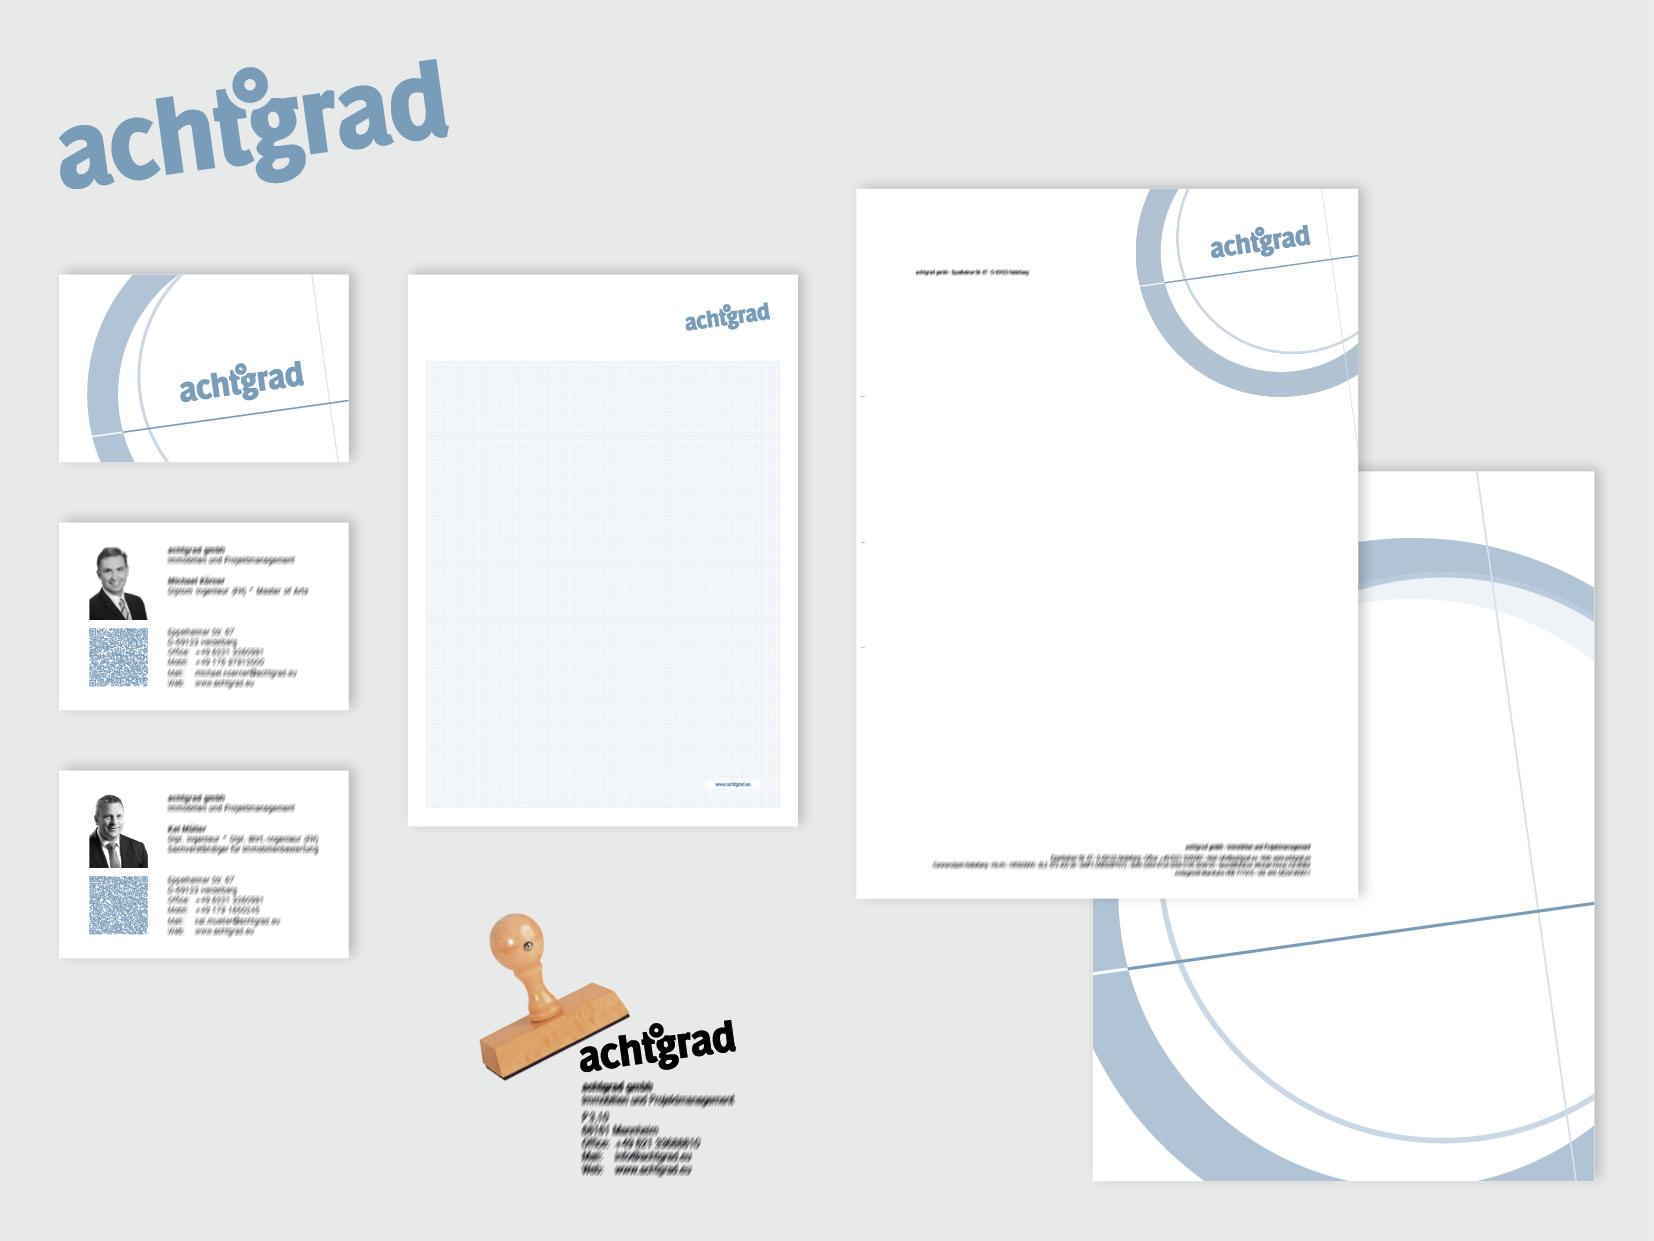 bk_achtgrad_logo_cd_1